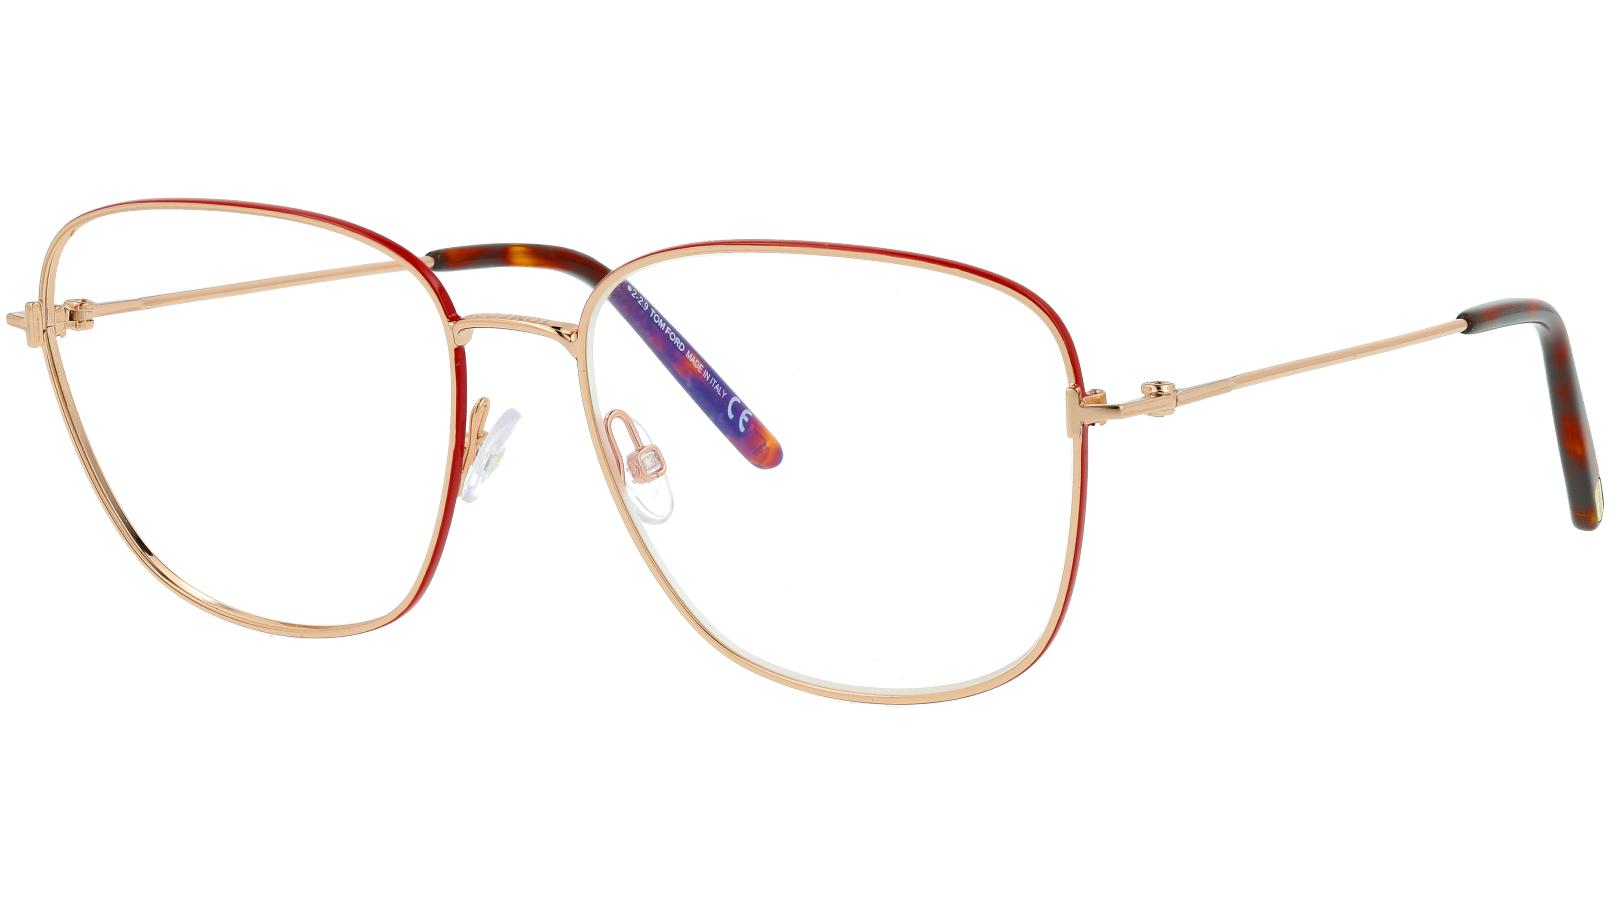 Tom Ford TF5572-B 069 56 Rose Glasses